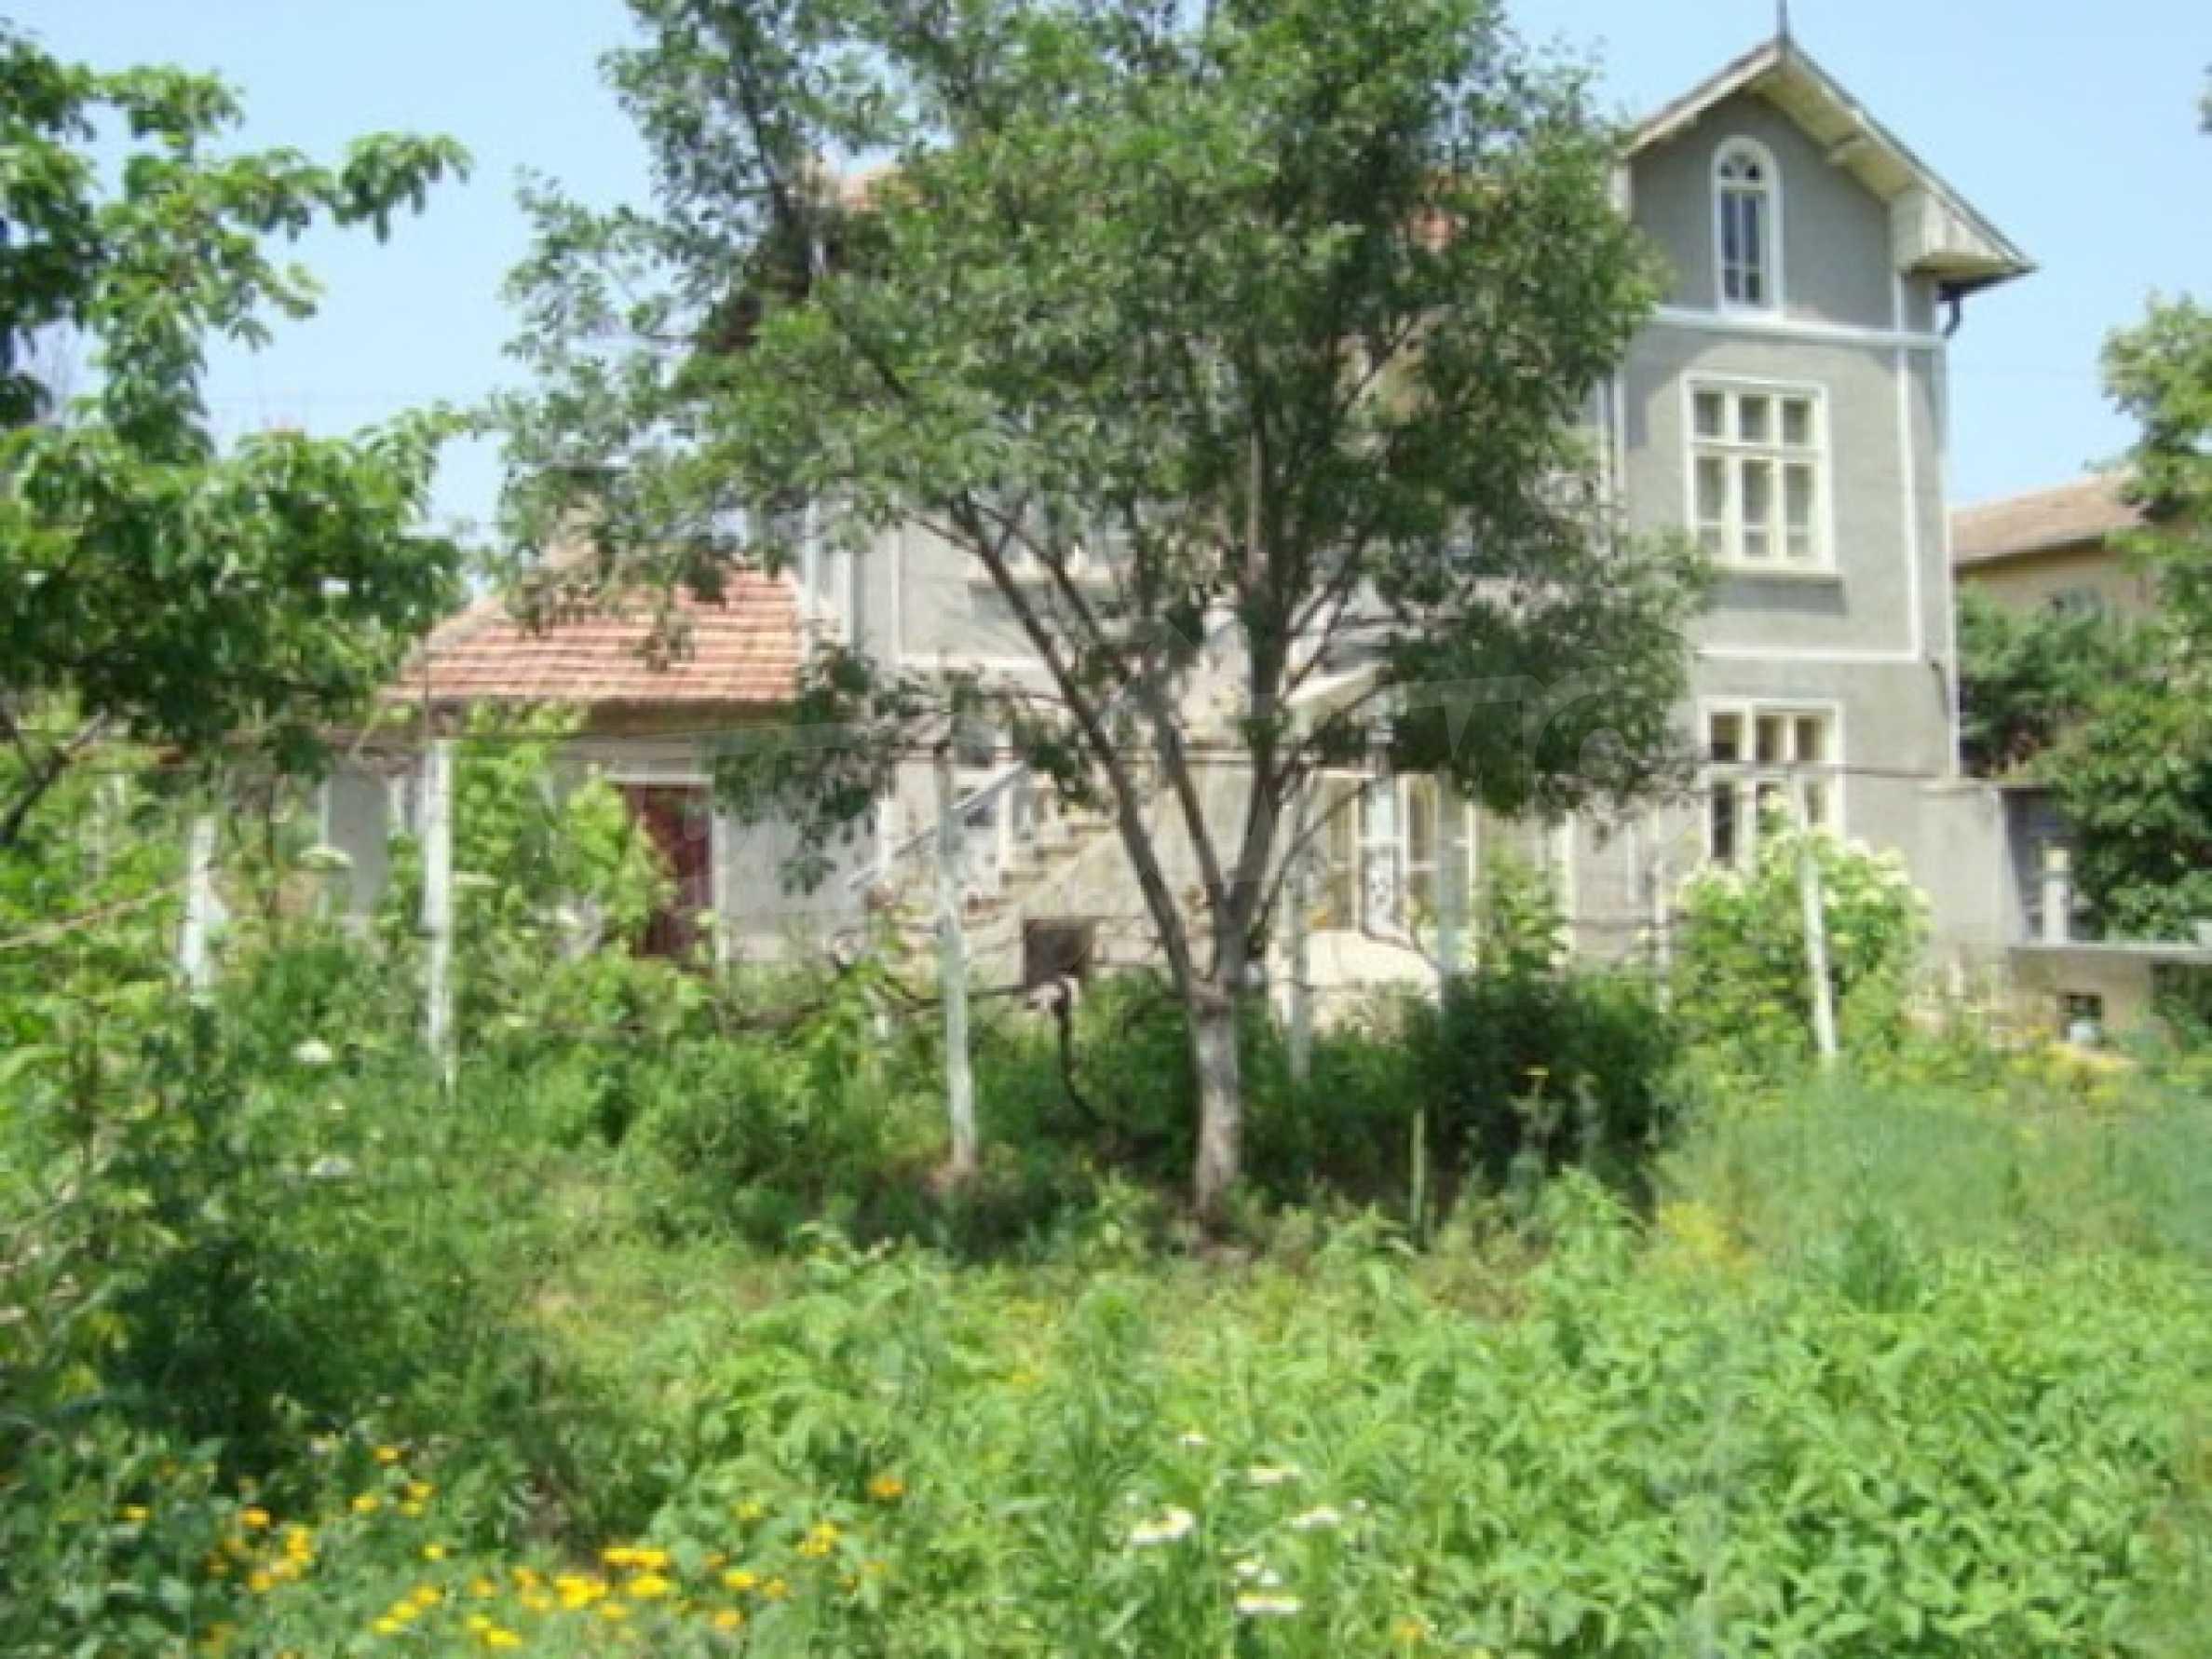 House in the village of Gorna Lipnica, Veliko Tarnovo 1